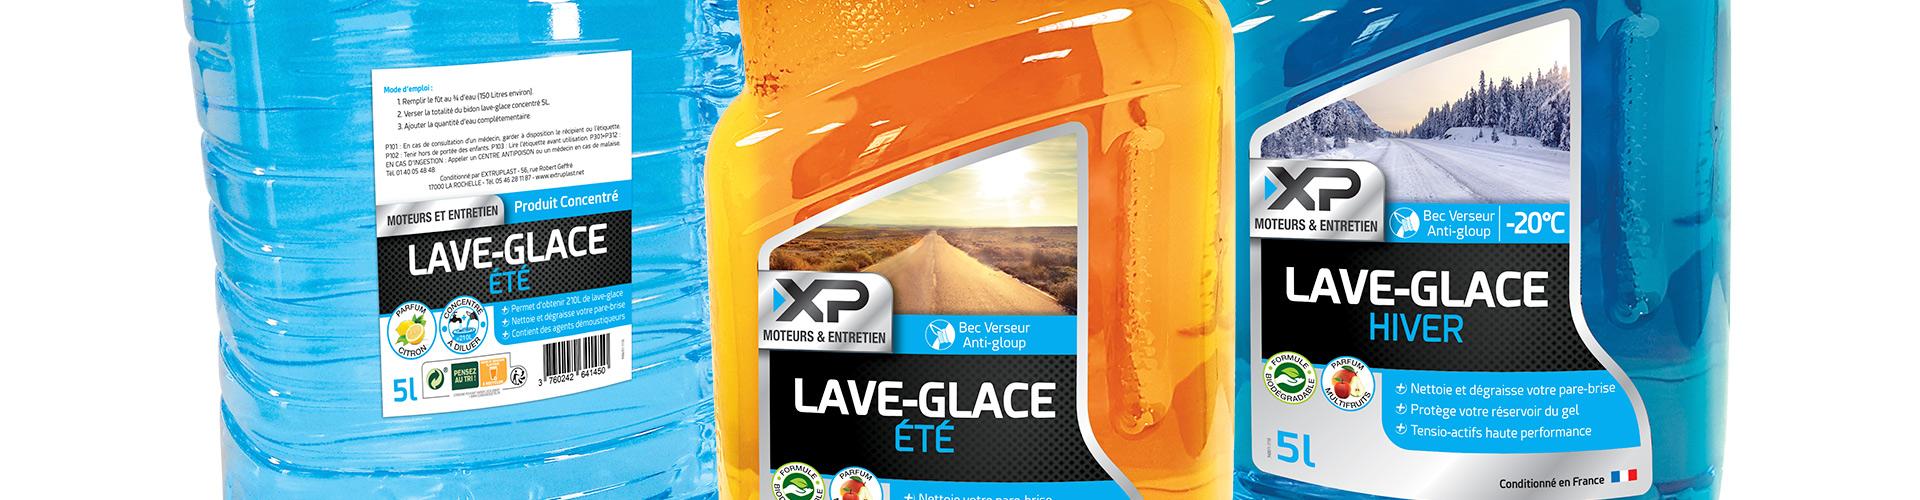 XP, notre nouvelle gamme de produit !